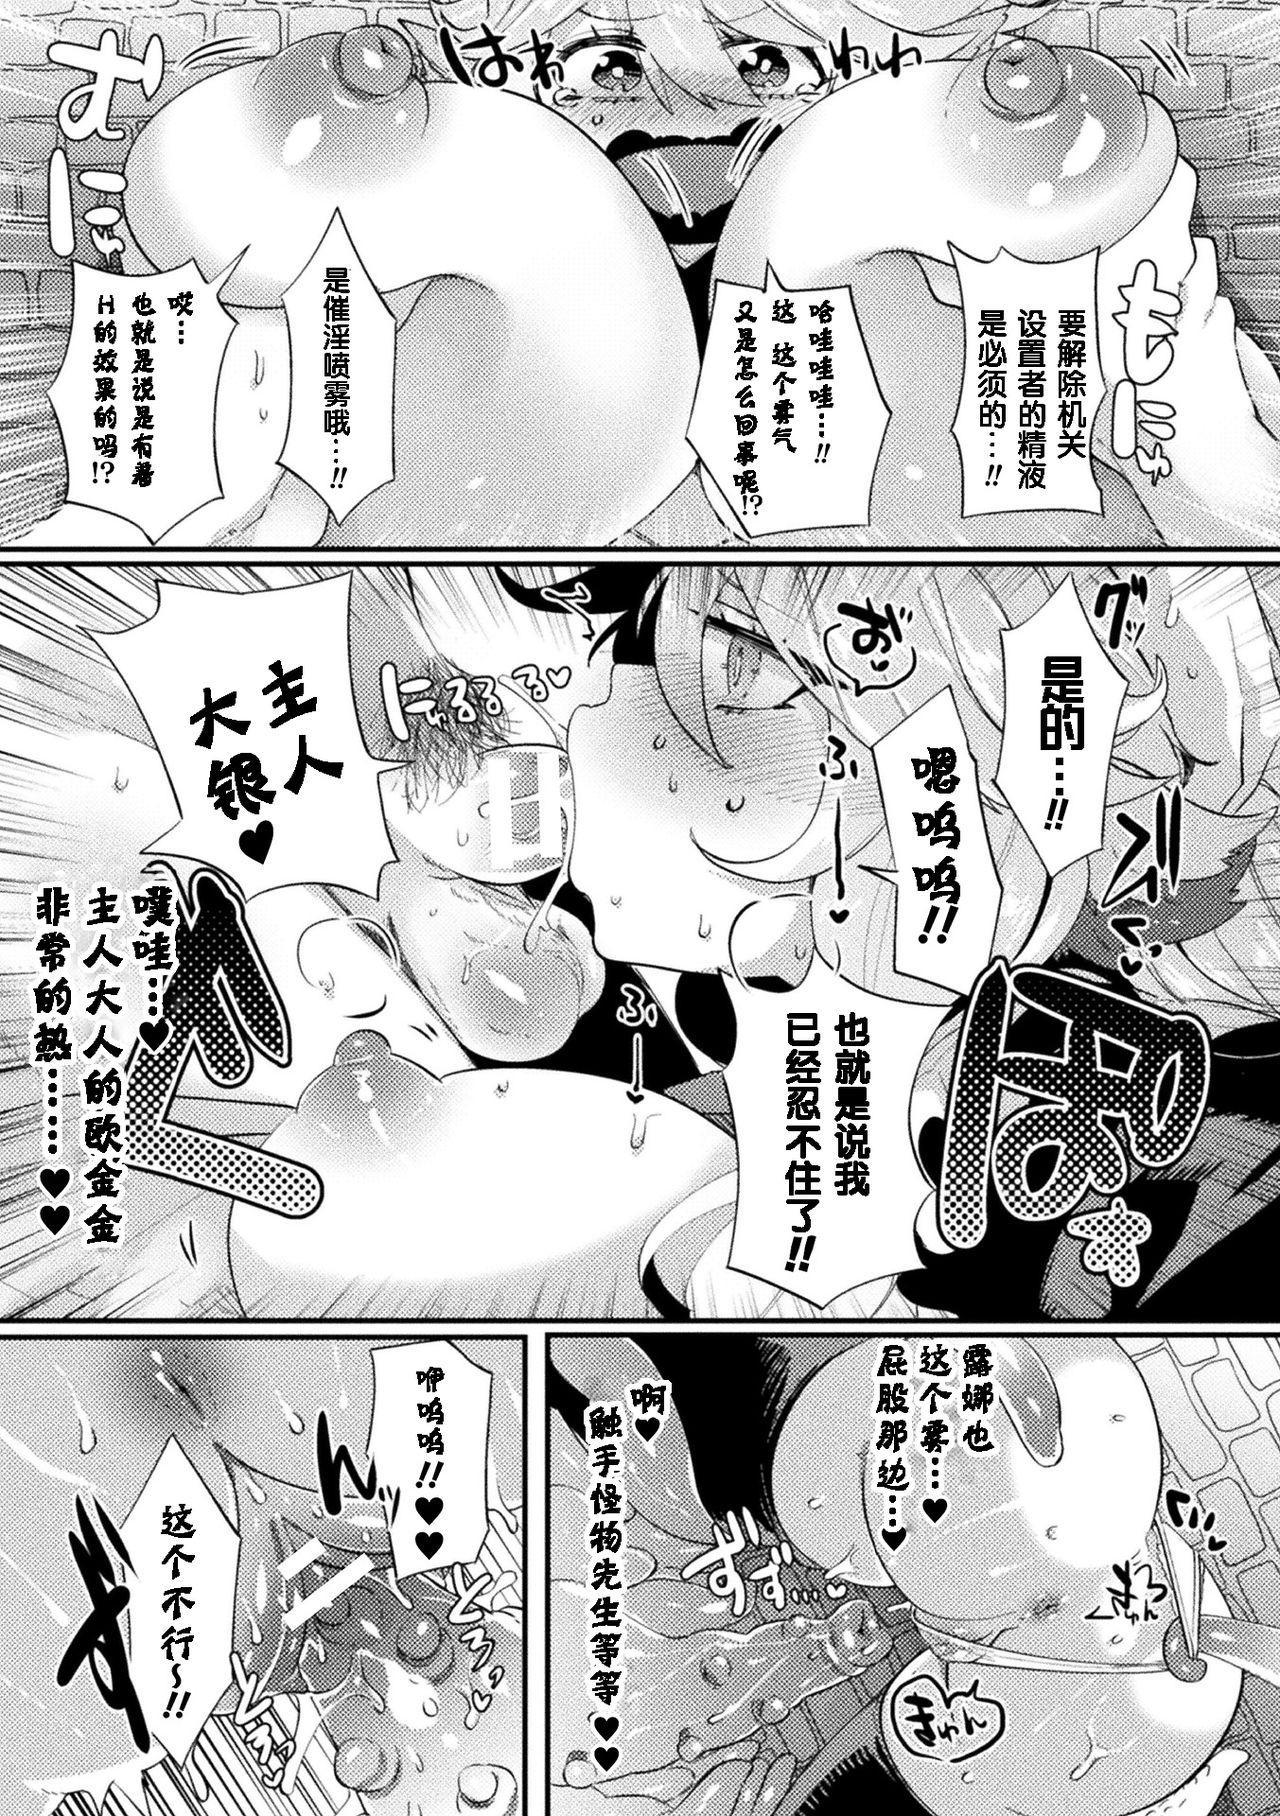 [Anthology] Bessatsu Comic Unreal Ponkotsu Fantasy Heroine H ~Doji o Funde Gyakuten Saretari Ero Trap ni Hamattari!?~ Vol. 1 [Chinese] [风油精汉化组] [Digital] 12